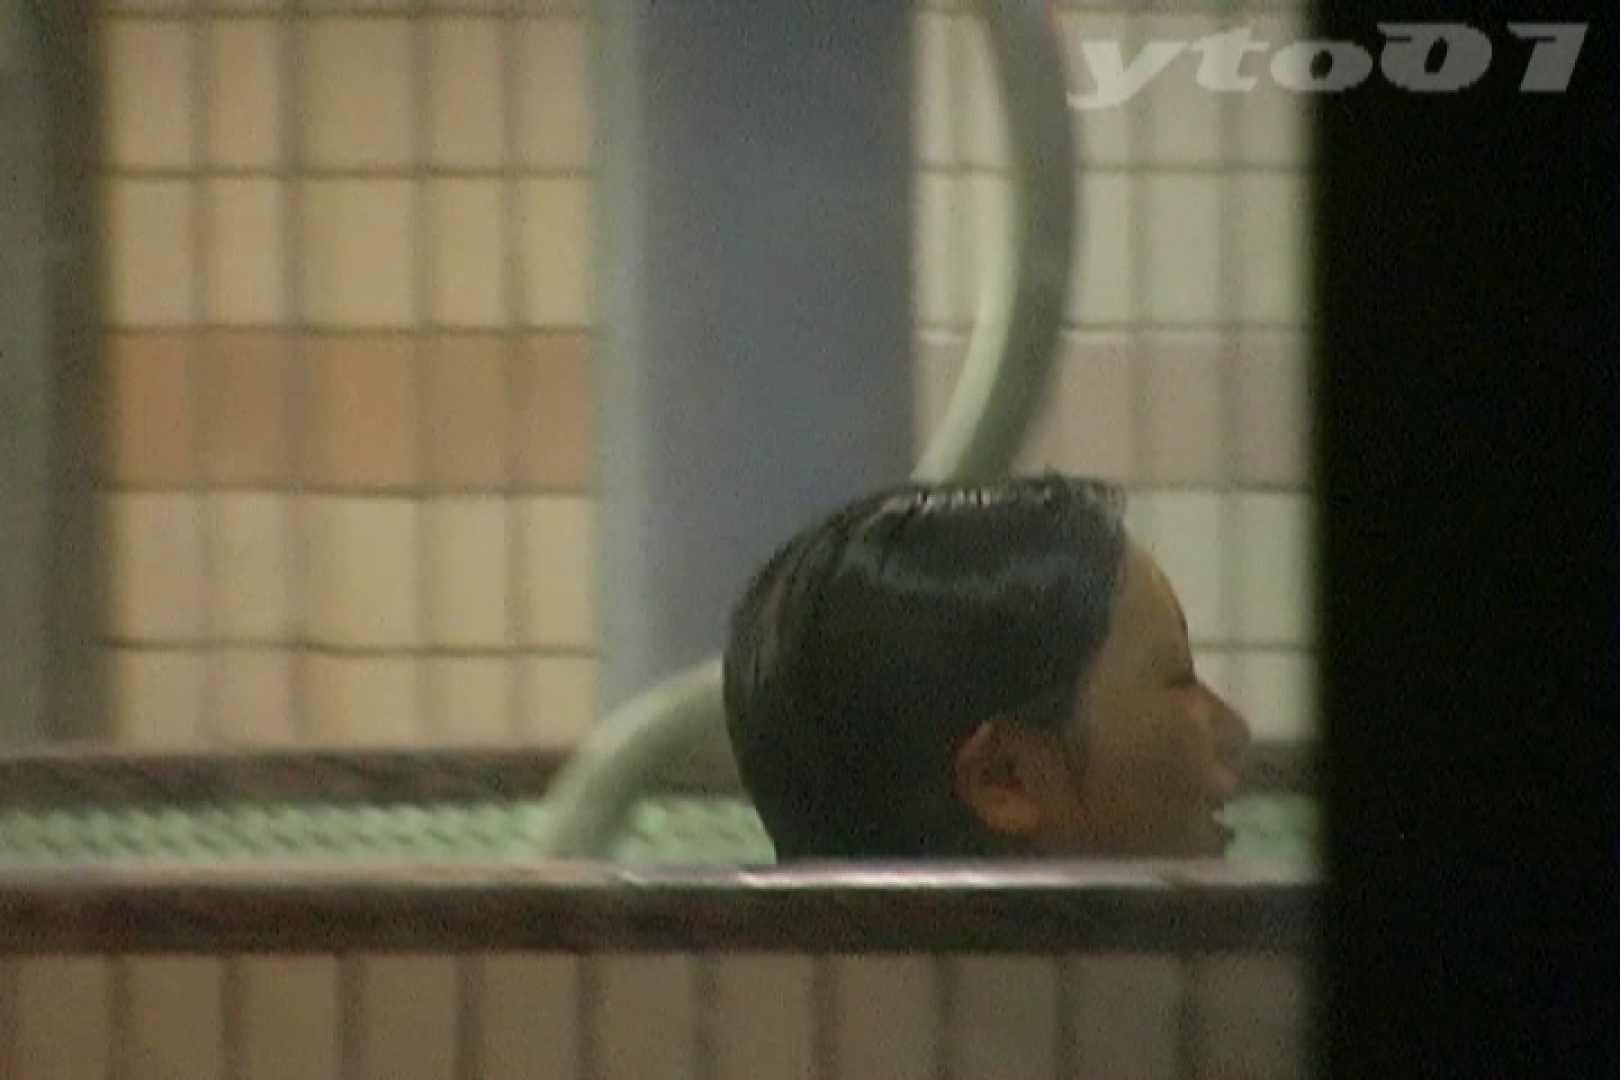 ▲復活限定▲合宿ホテル女風呂盗撮 Vol.07 ギャル達 | 期間限定動画  81枚 19